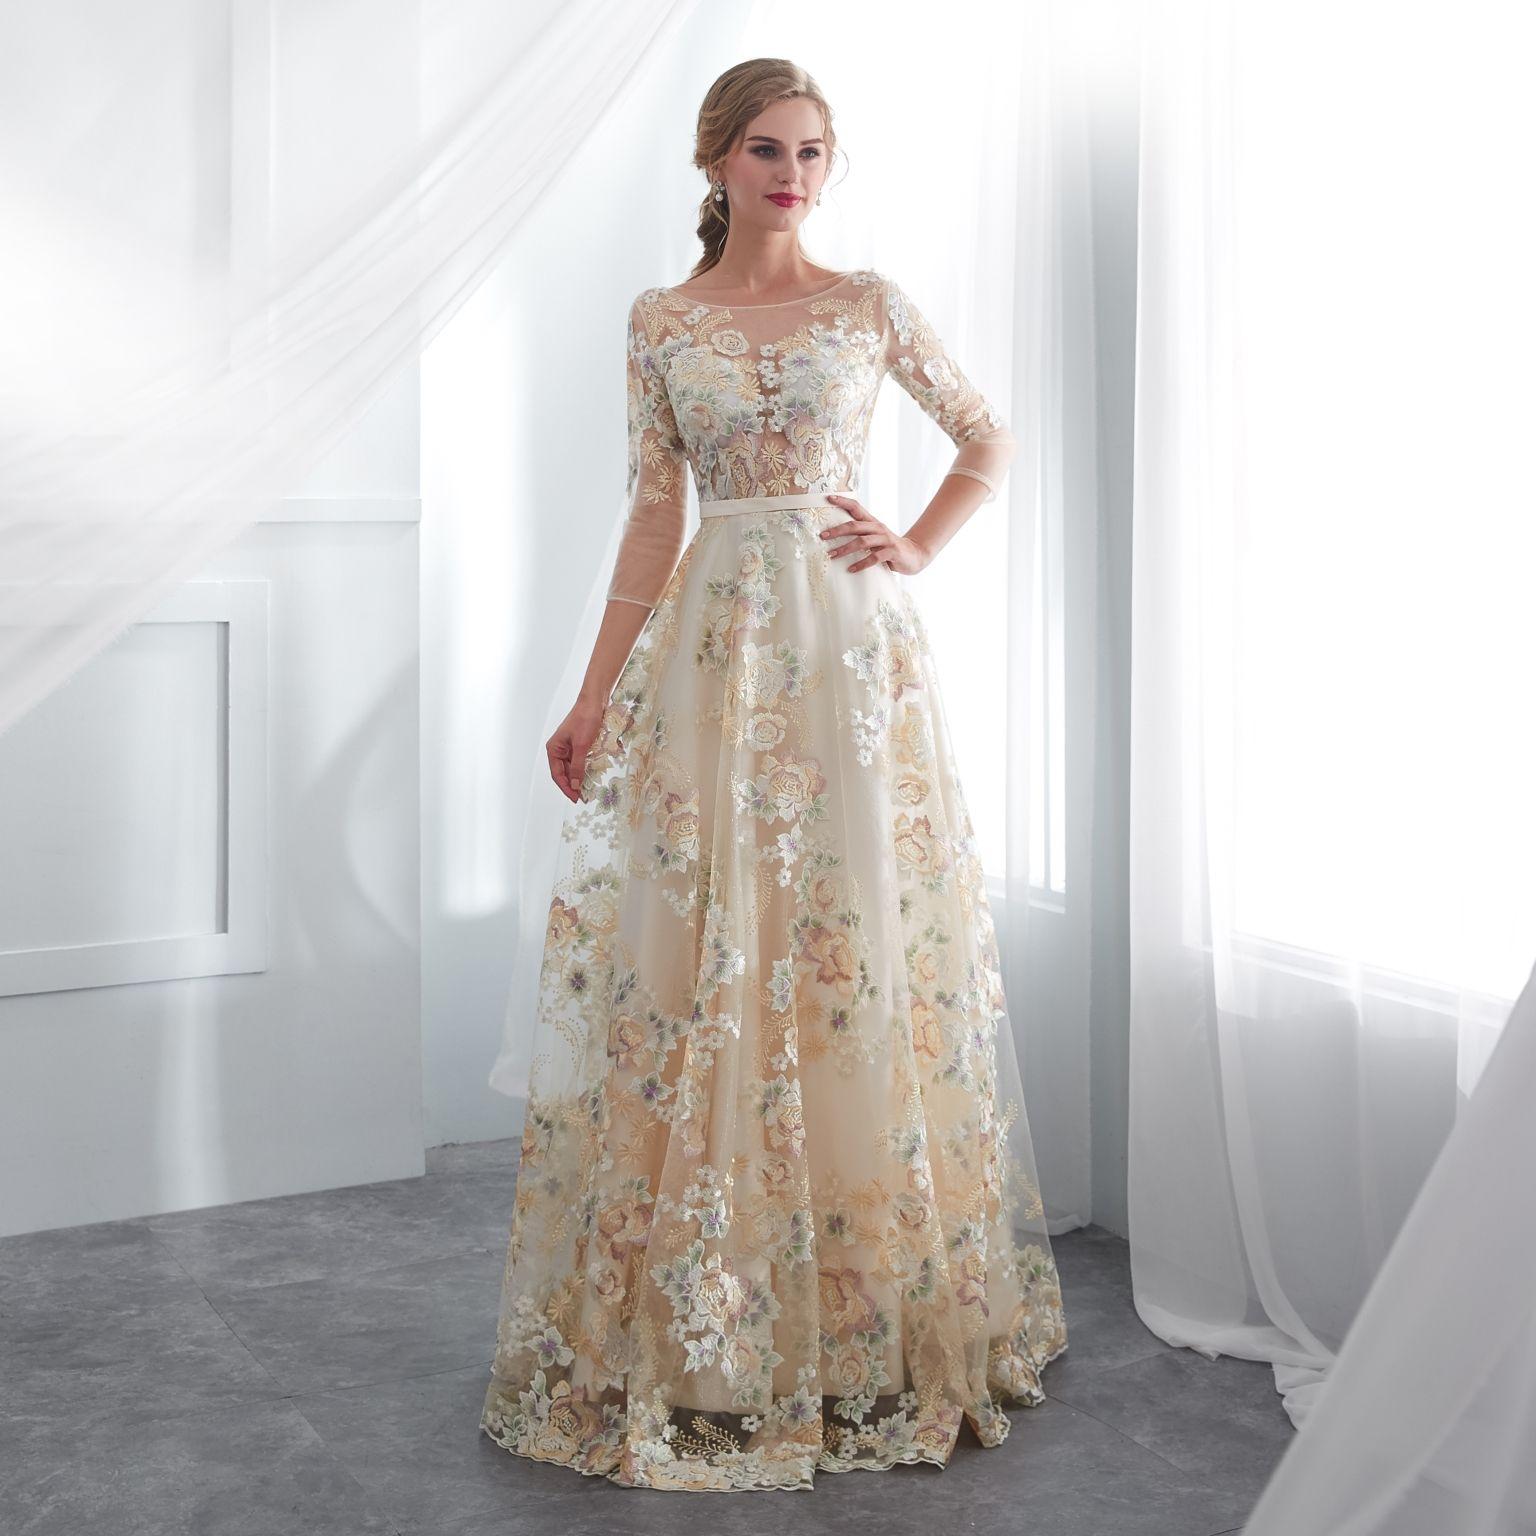 Großhandel Farbige Brautkleider Mit Langen Ärmeln Spitze Romantische  Brautkleider Country Wedding Dress Nach Maß Rob Robe Mariee 20E20 Von